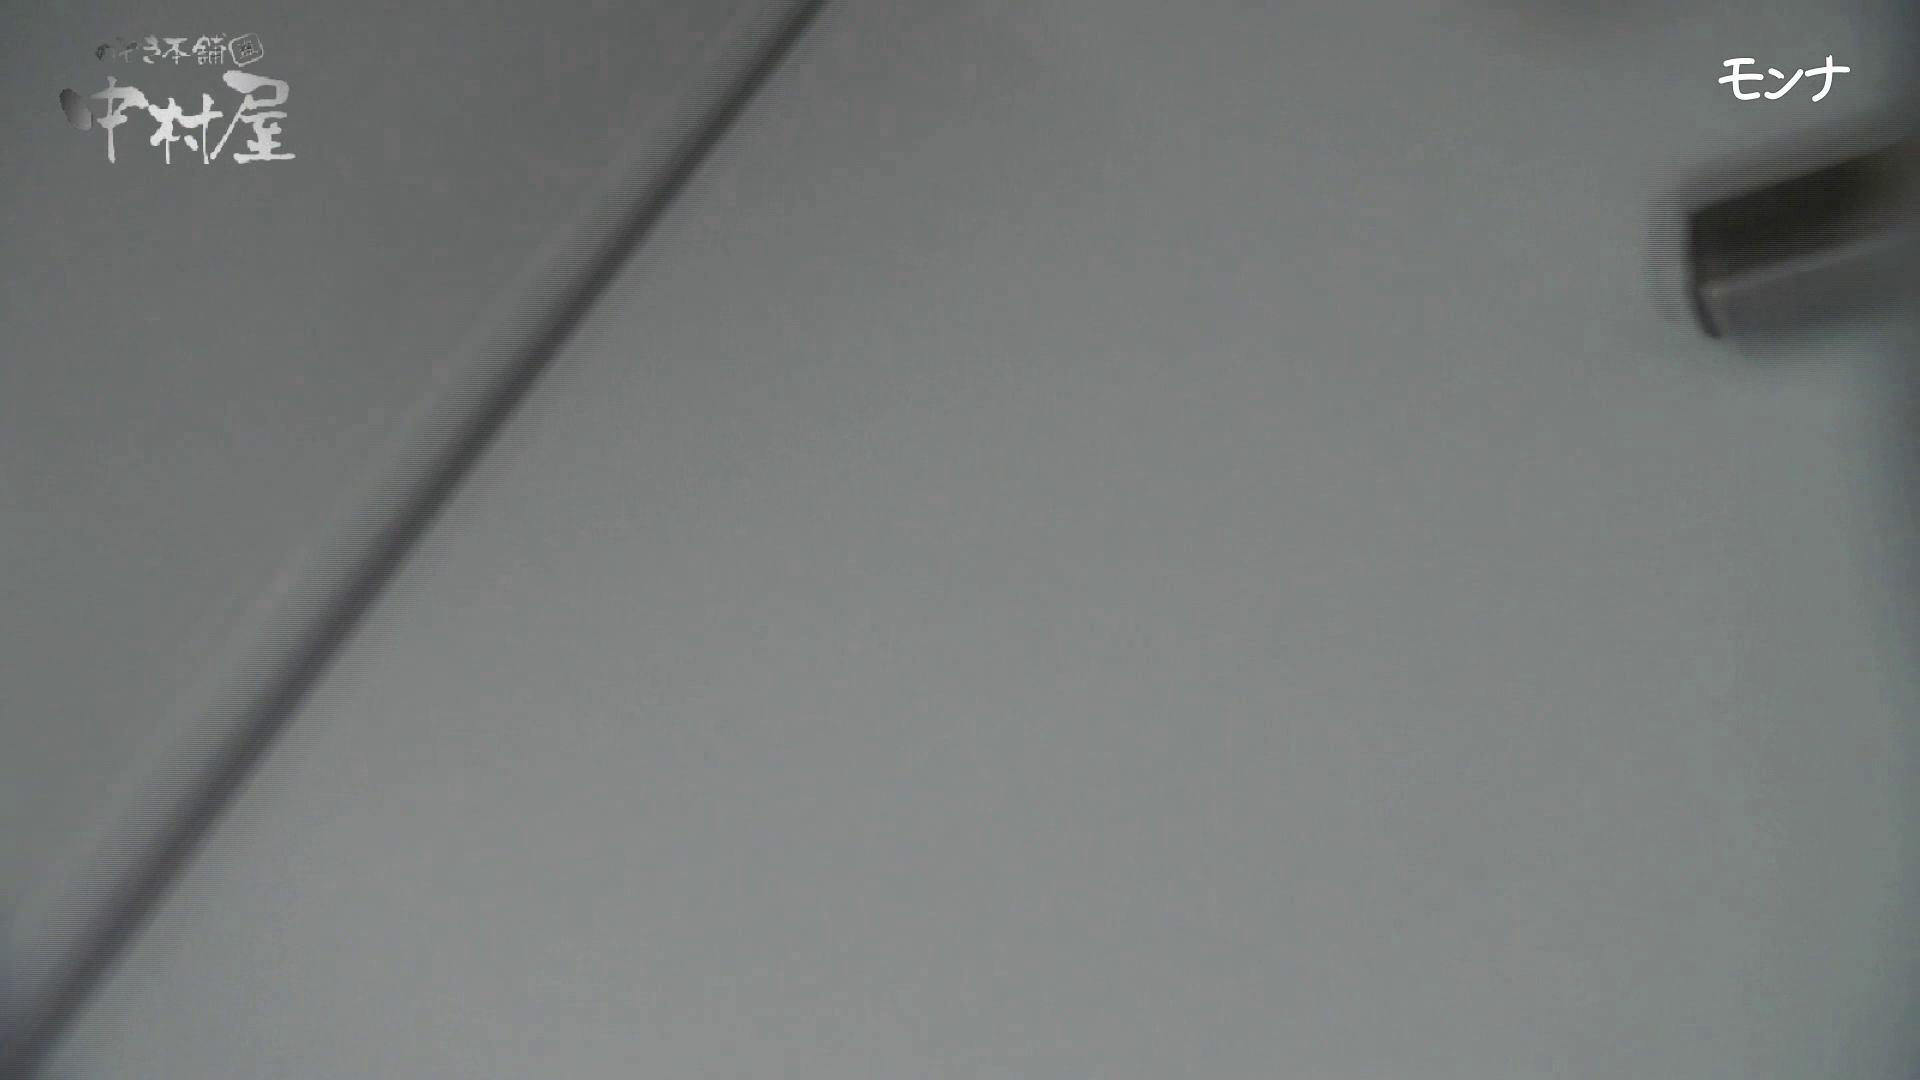 美しい日本の未来 No.47 冬Ver.進化 細い指でほじくりまくる!前編 盗撮動画 | おまんこ大好き  9枚 5